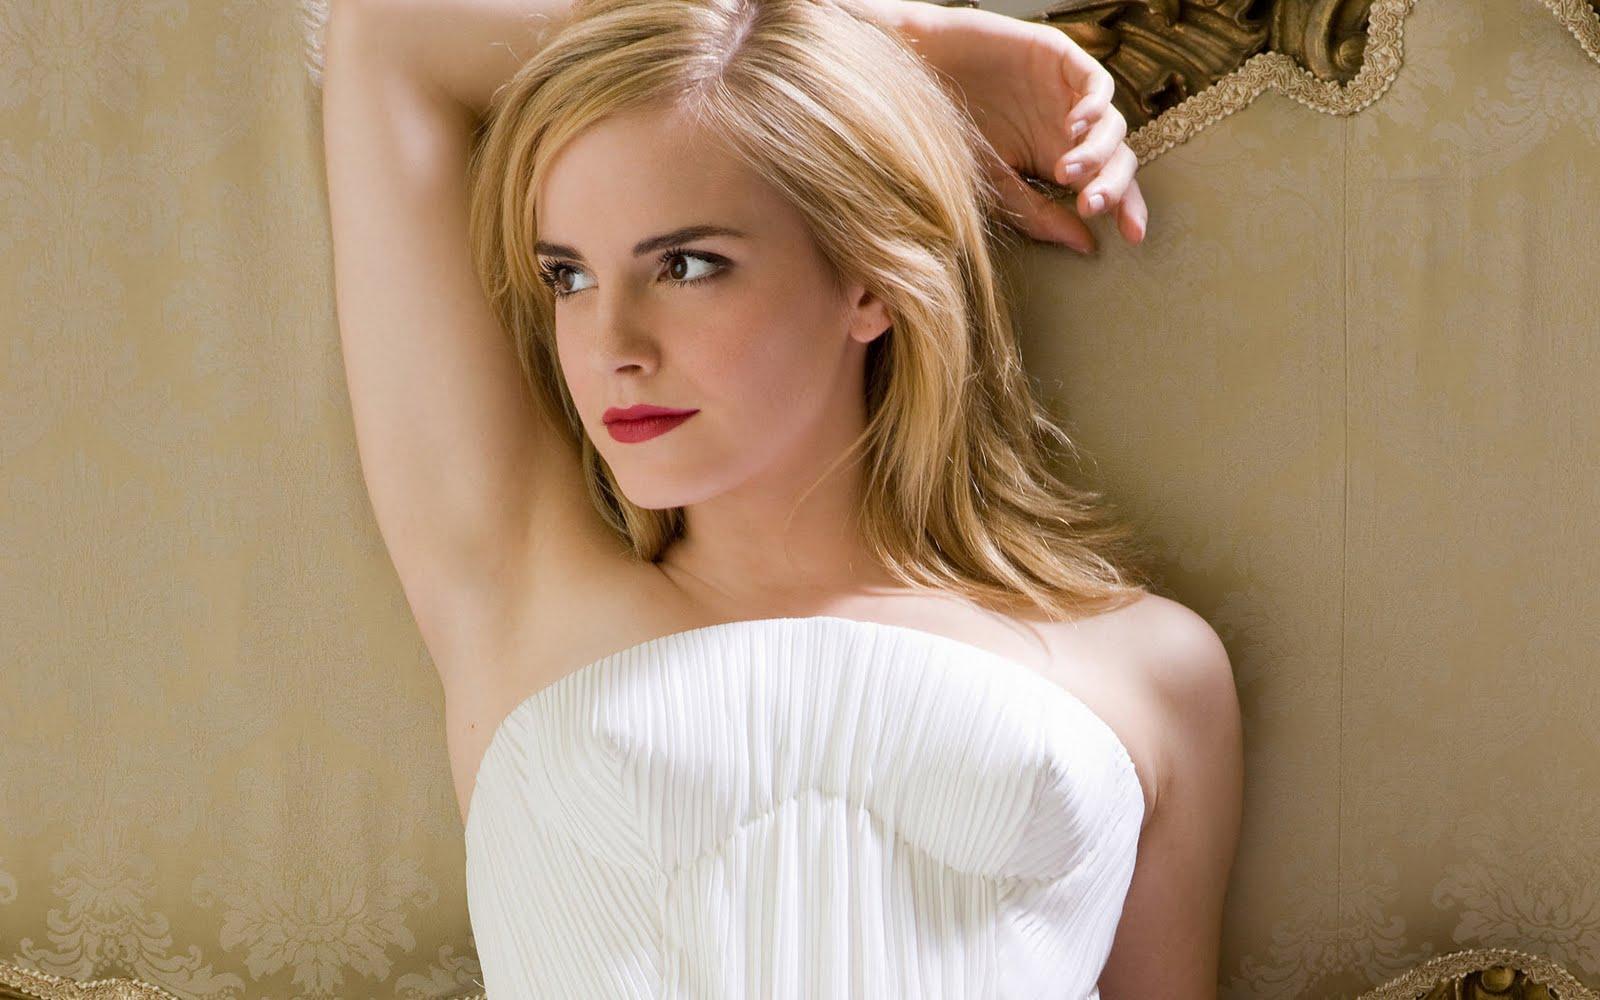 emma+watson+nude+hot+sexy+bikini+pussy+boy+friend+leak+tape+topless+nu+upskirt+beach+romance+pics1 Emma Watson 艾瑪·華森